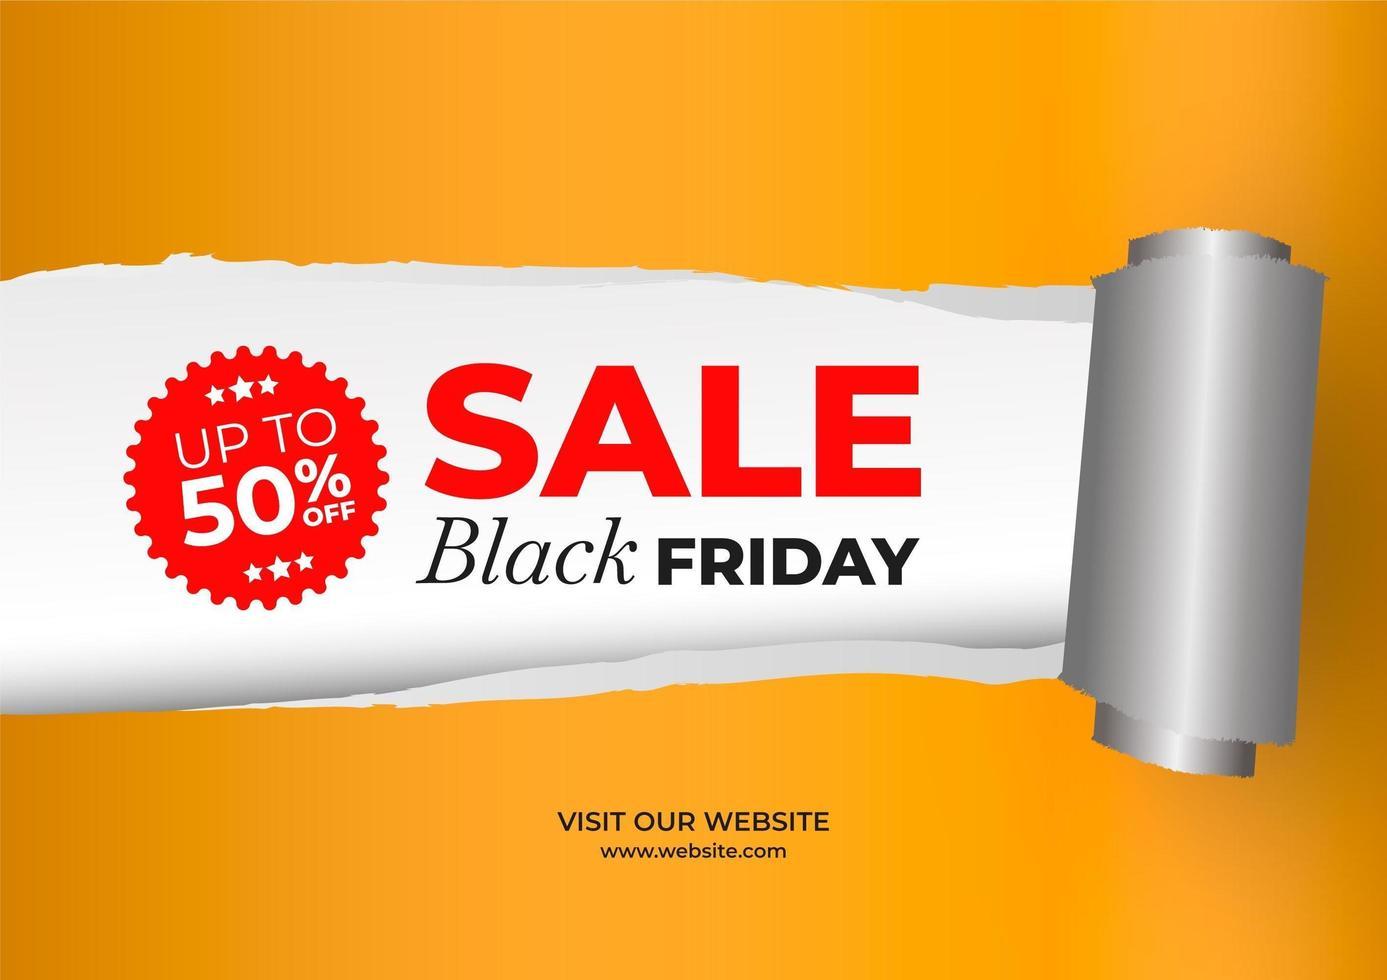 zwarte vrijdag verkoop banner met gescheurd papier effect vector